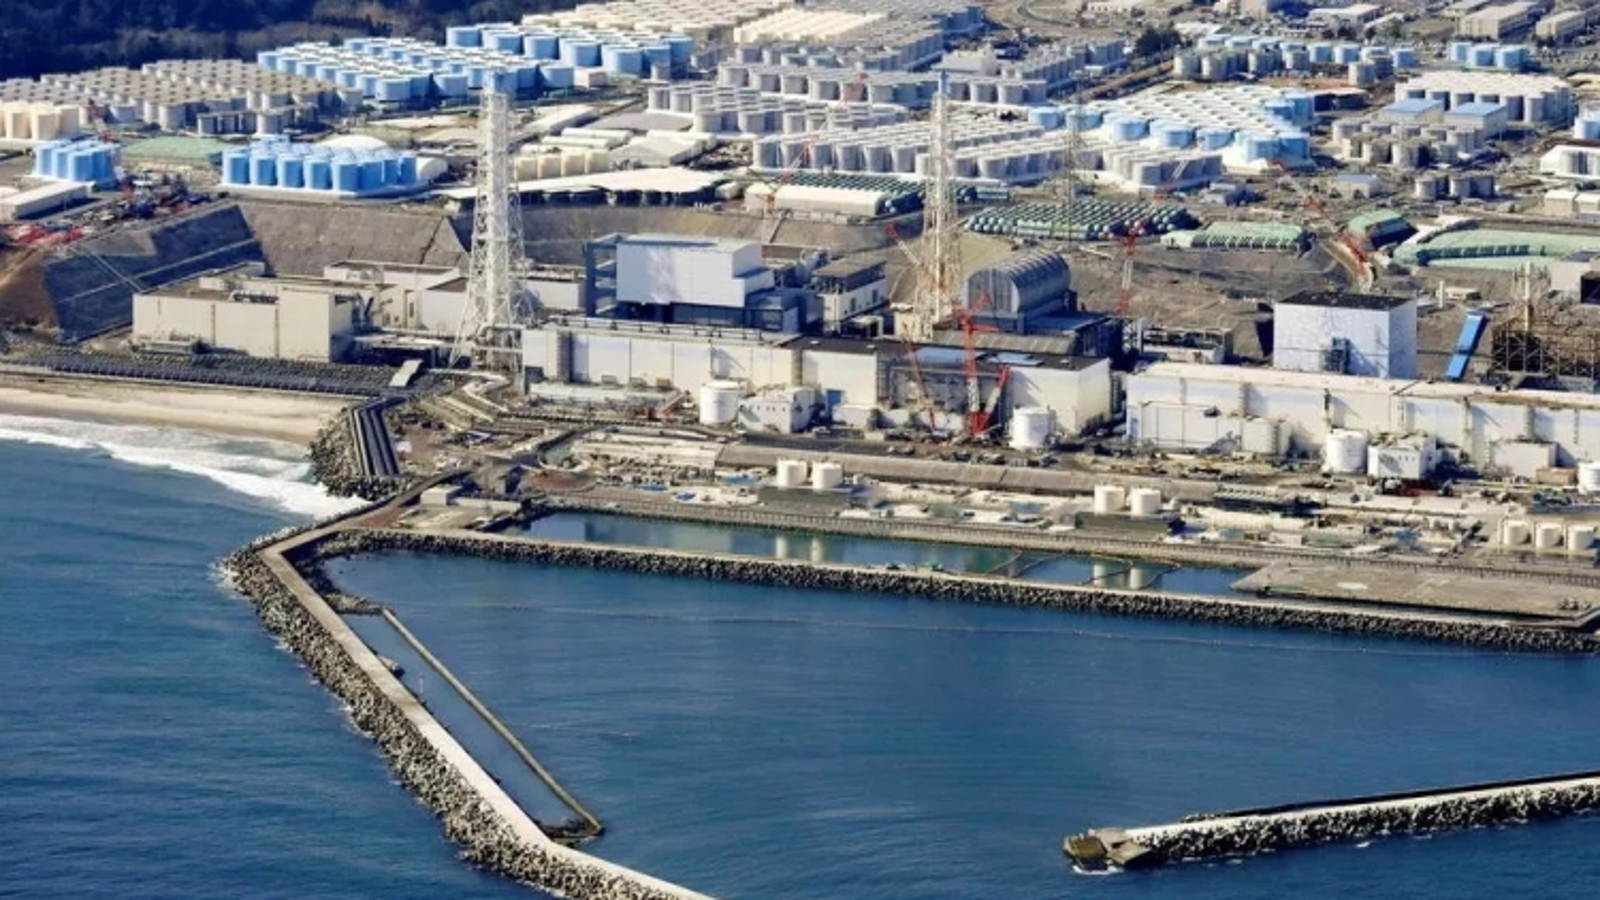 Nhật Bản quyết định xả nước nhiễm xạ ra biển trong 2 năm tới